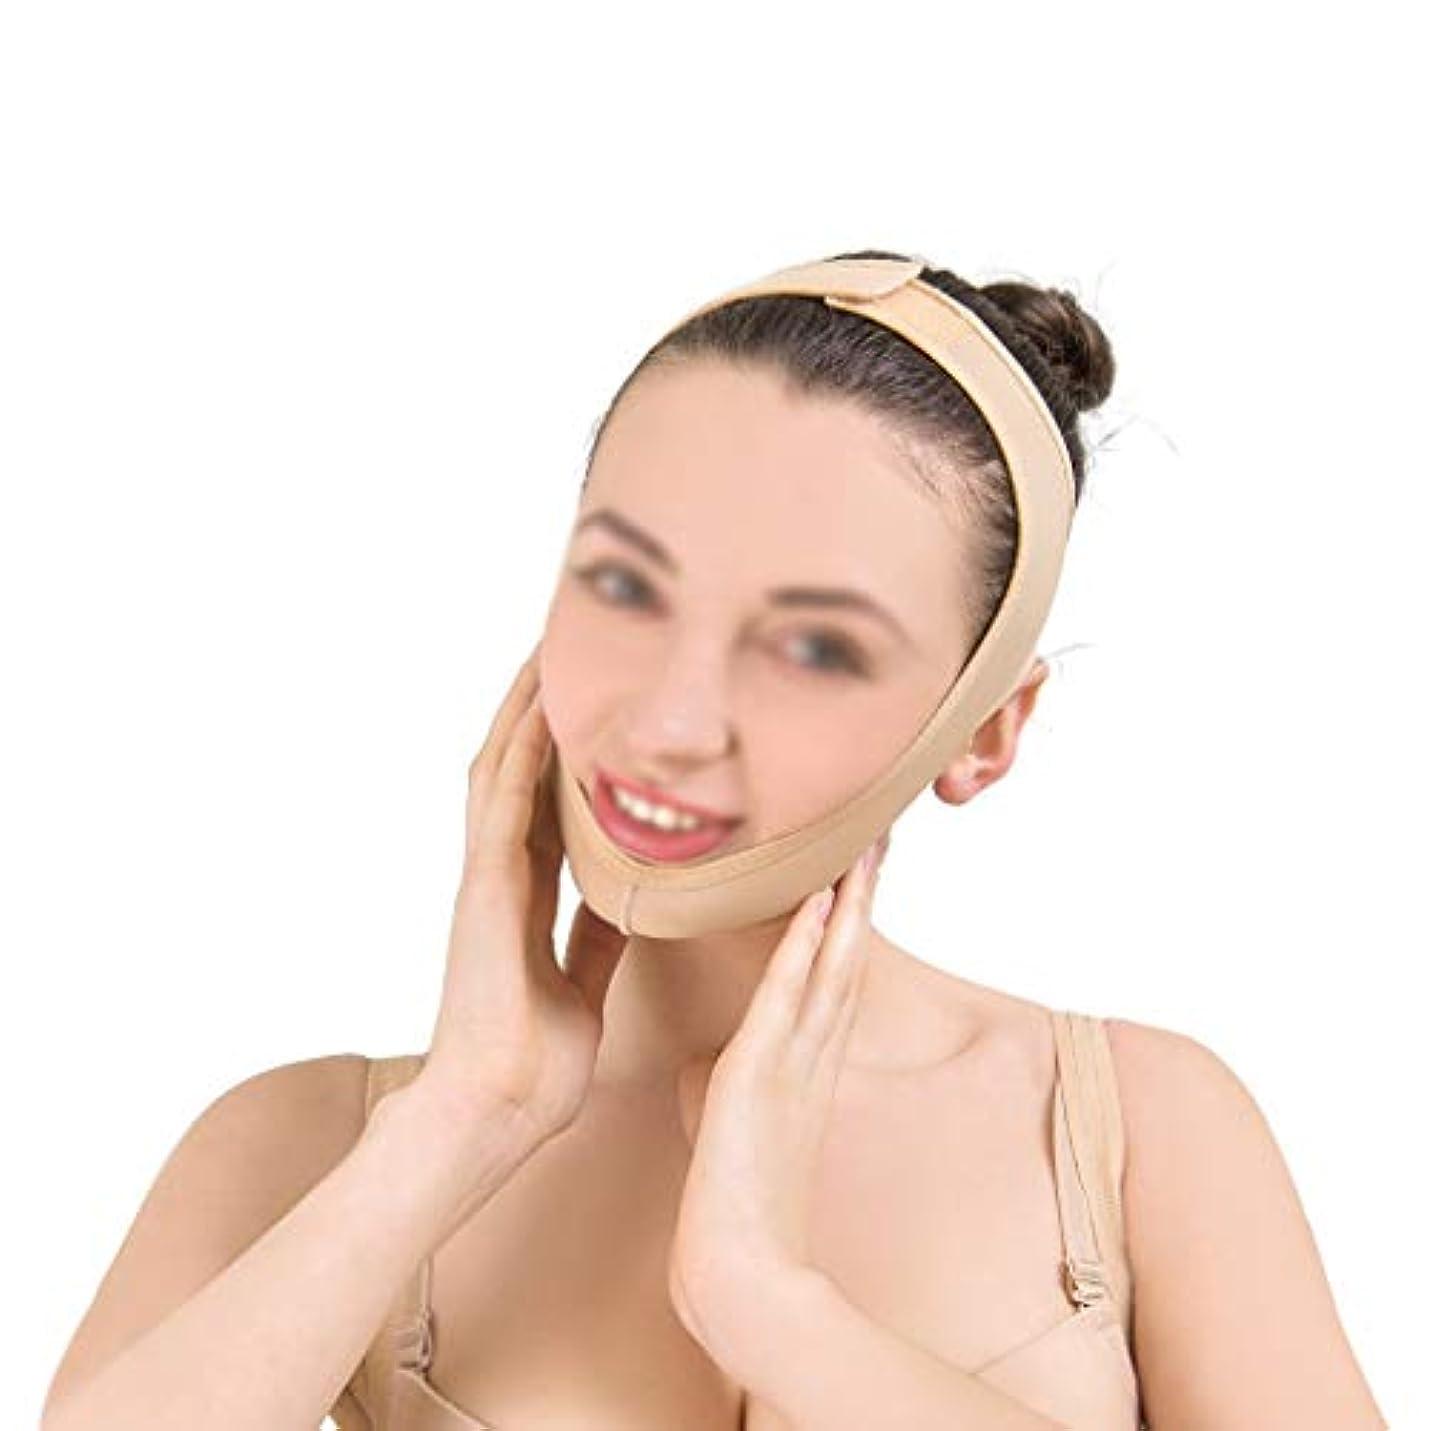 他の日マイクロ撤退フェイスシェイピングベルト、肌の包帯の持ち上げと締め付け、フェイスベルトの持ち上げ、快適で通気性のあるフェイシャルリフティングマスク (Size : M)